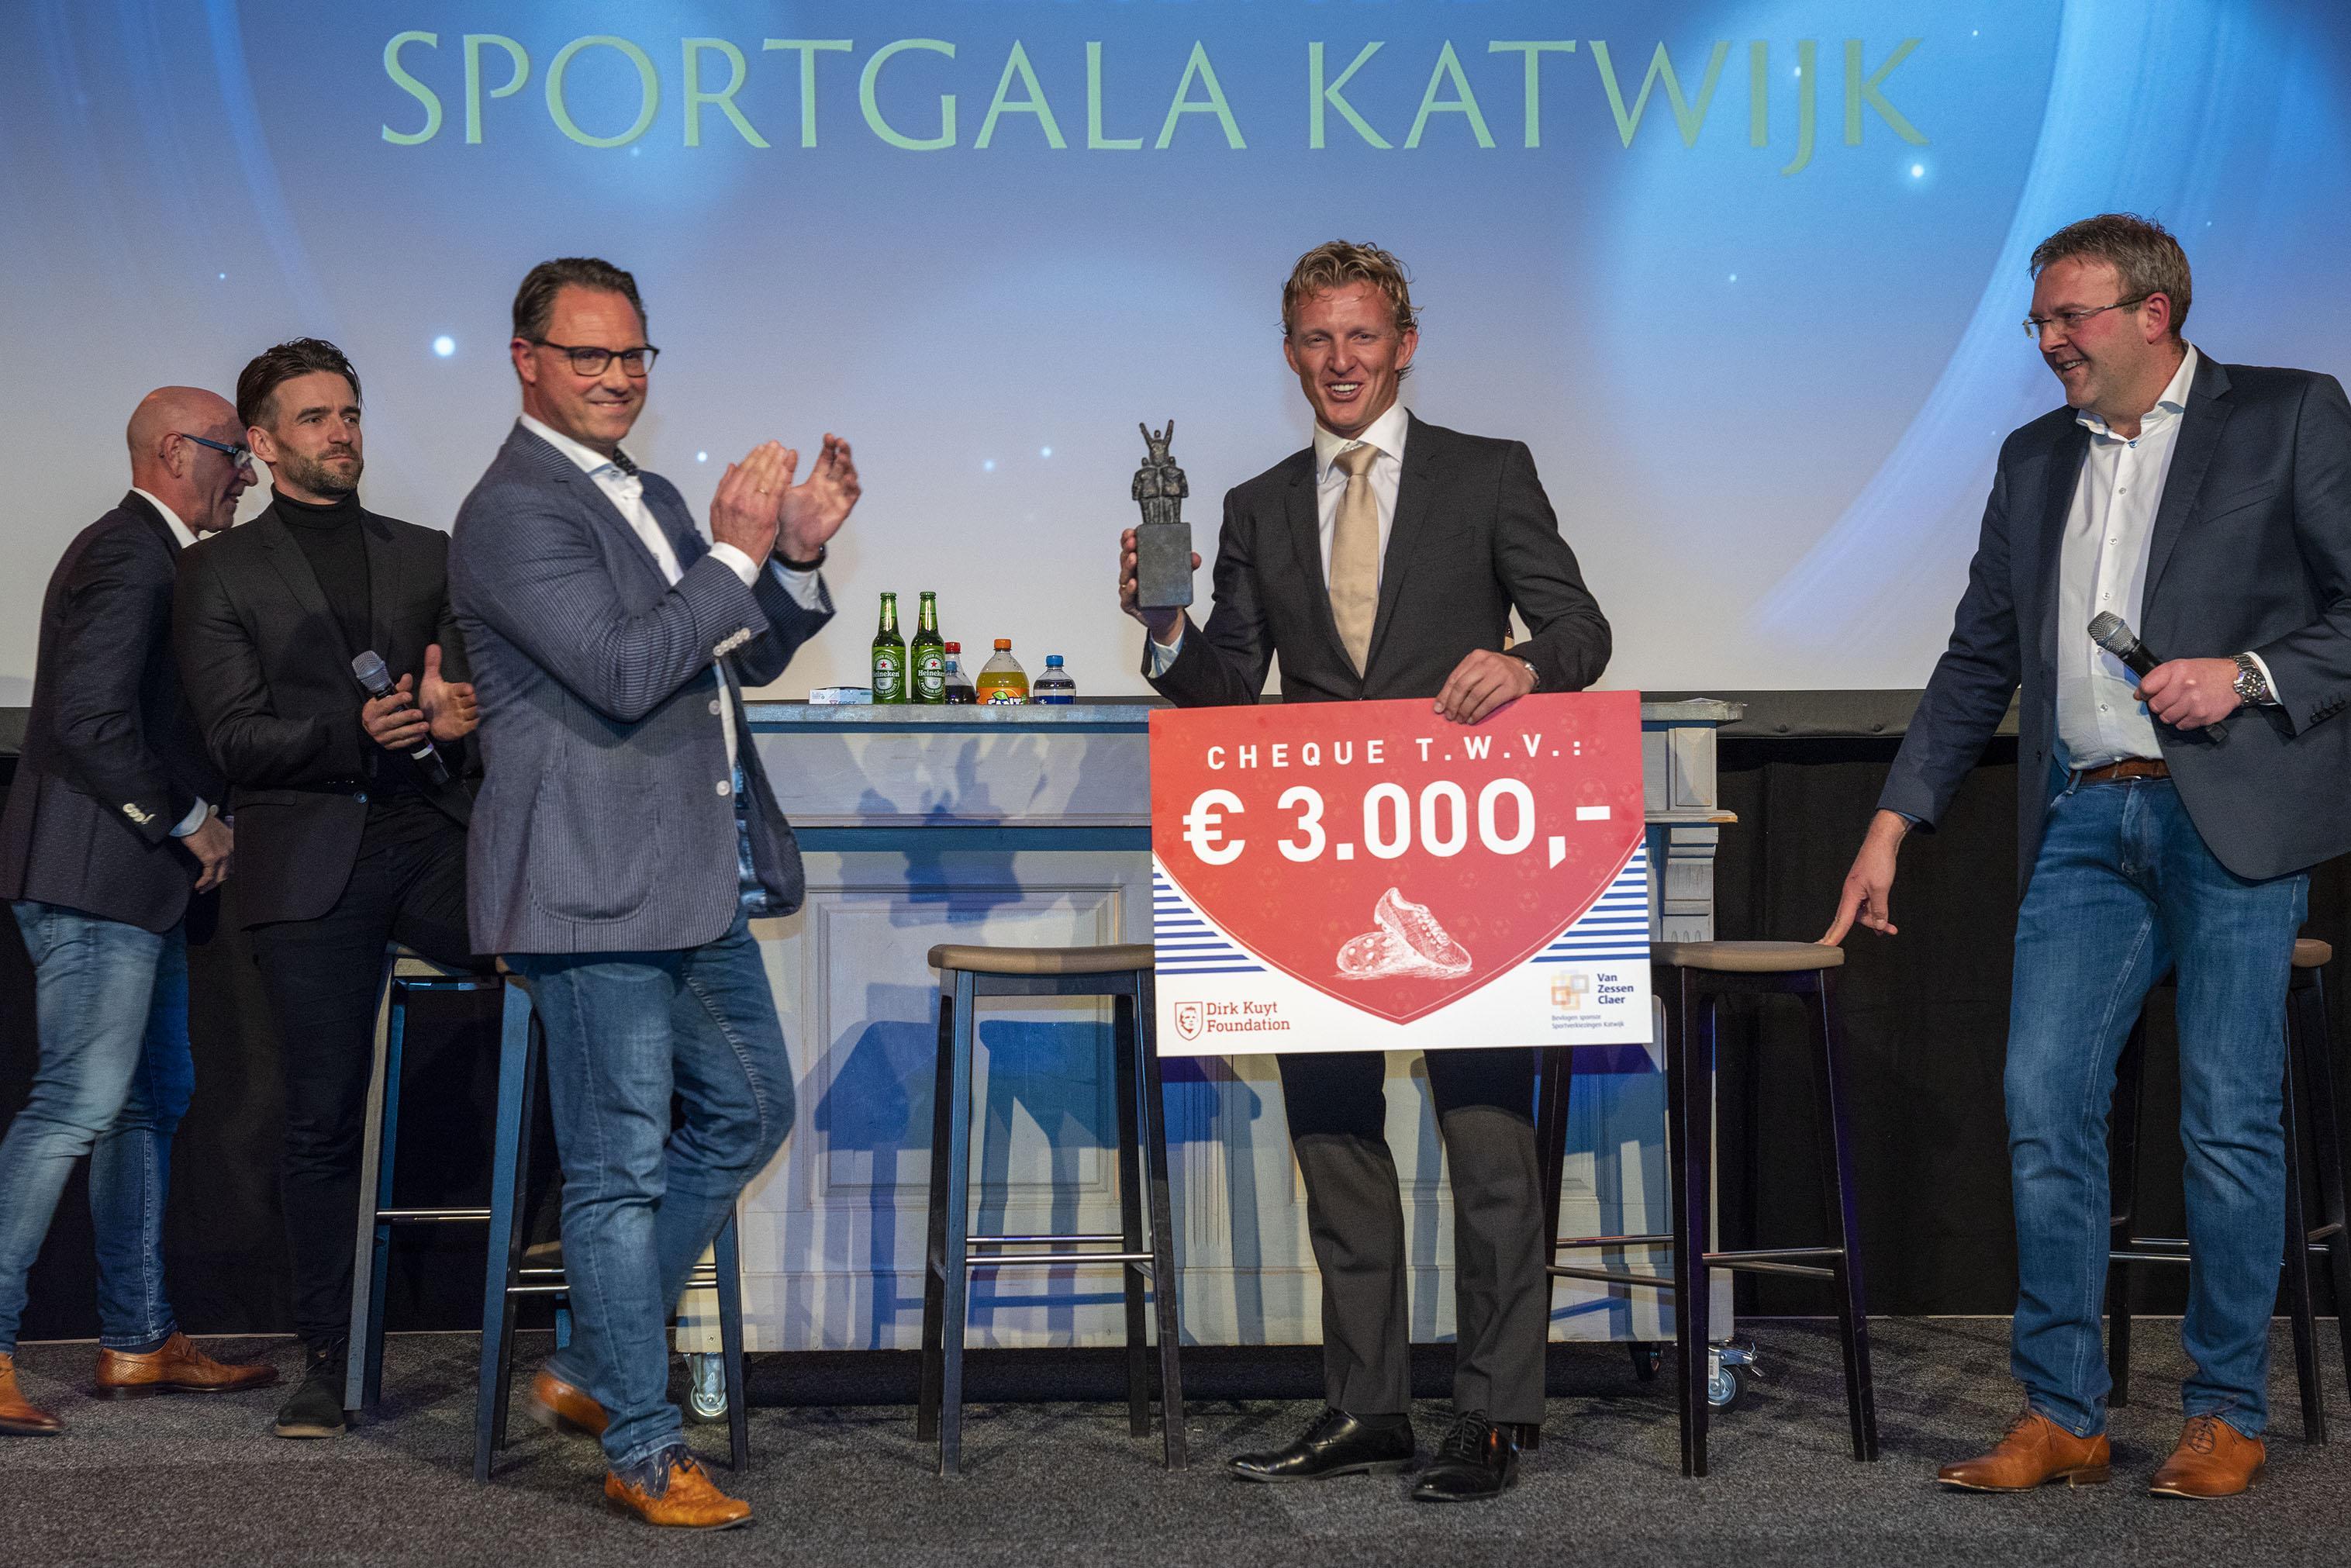 Dit jaar geen sportverkiezingen en sportgala in Katwijk: 'Te weinig competitie, te weinig prestaties'